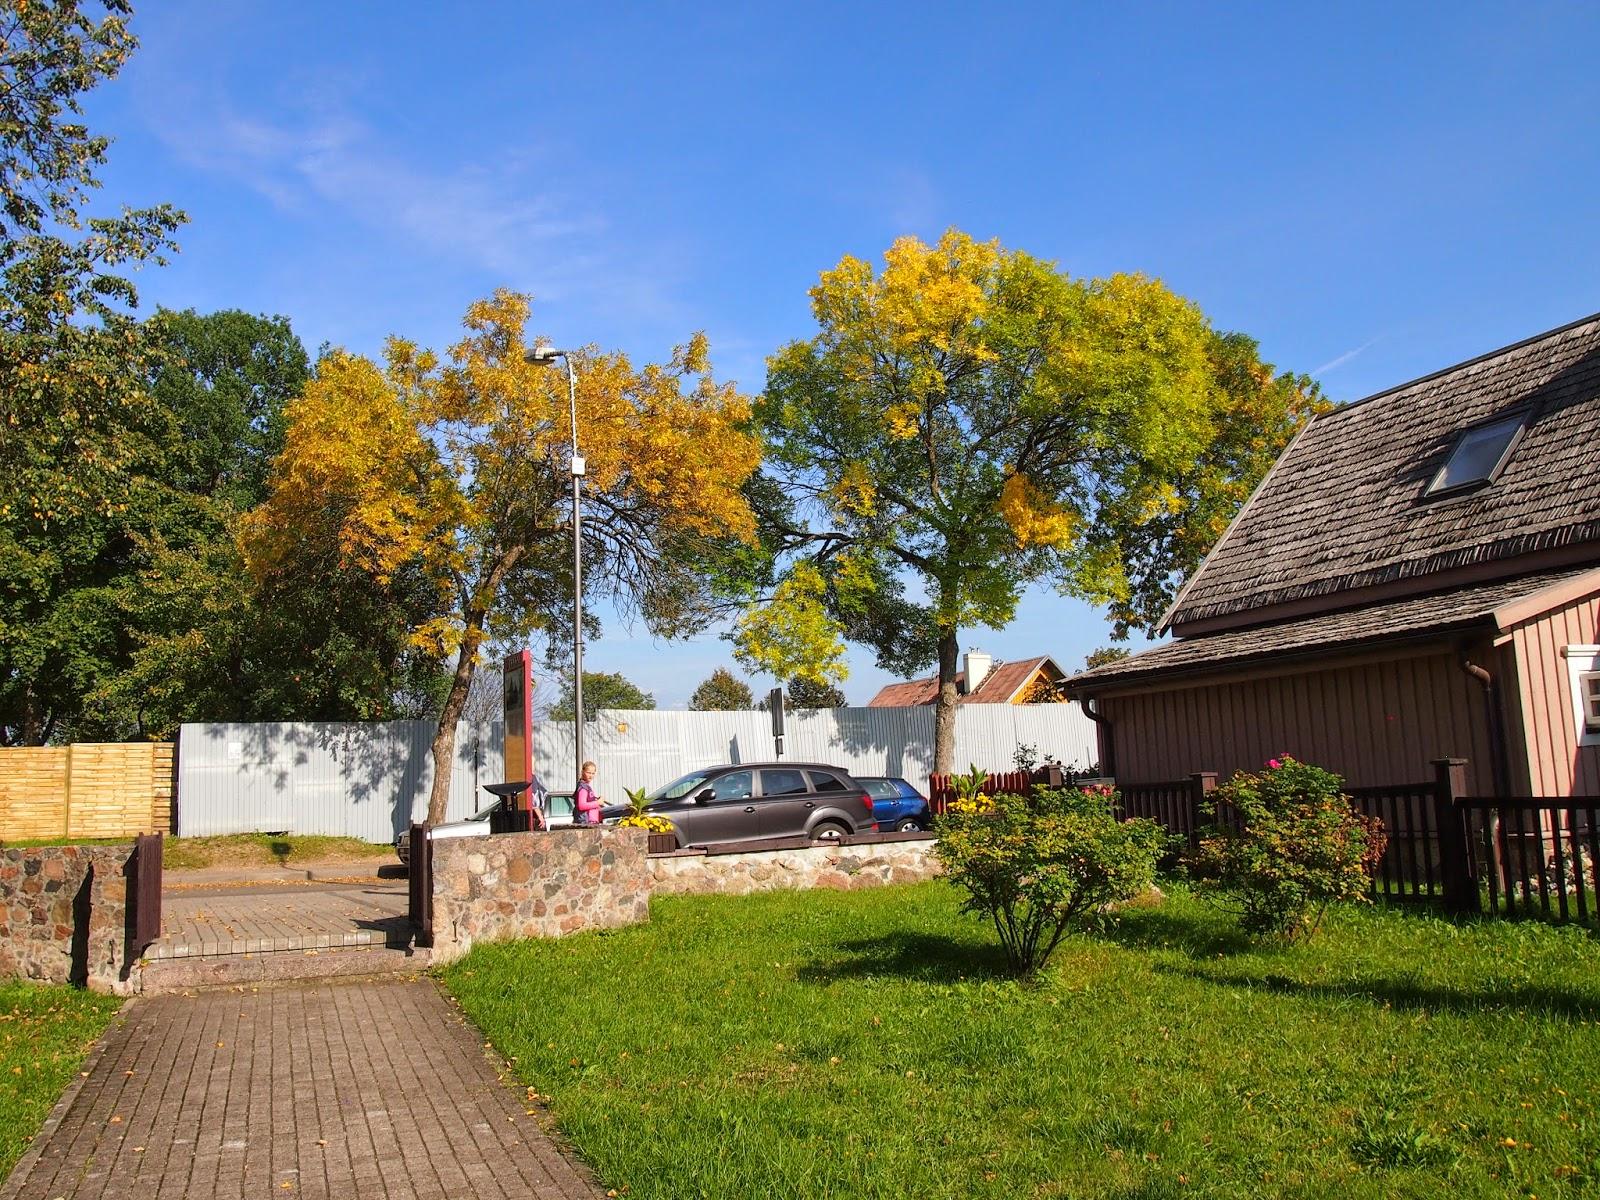 fall colors in Trakai, Lithuania